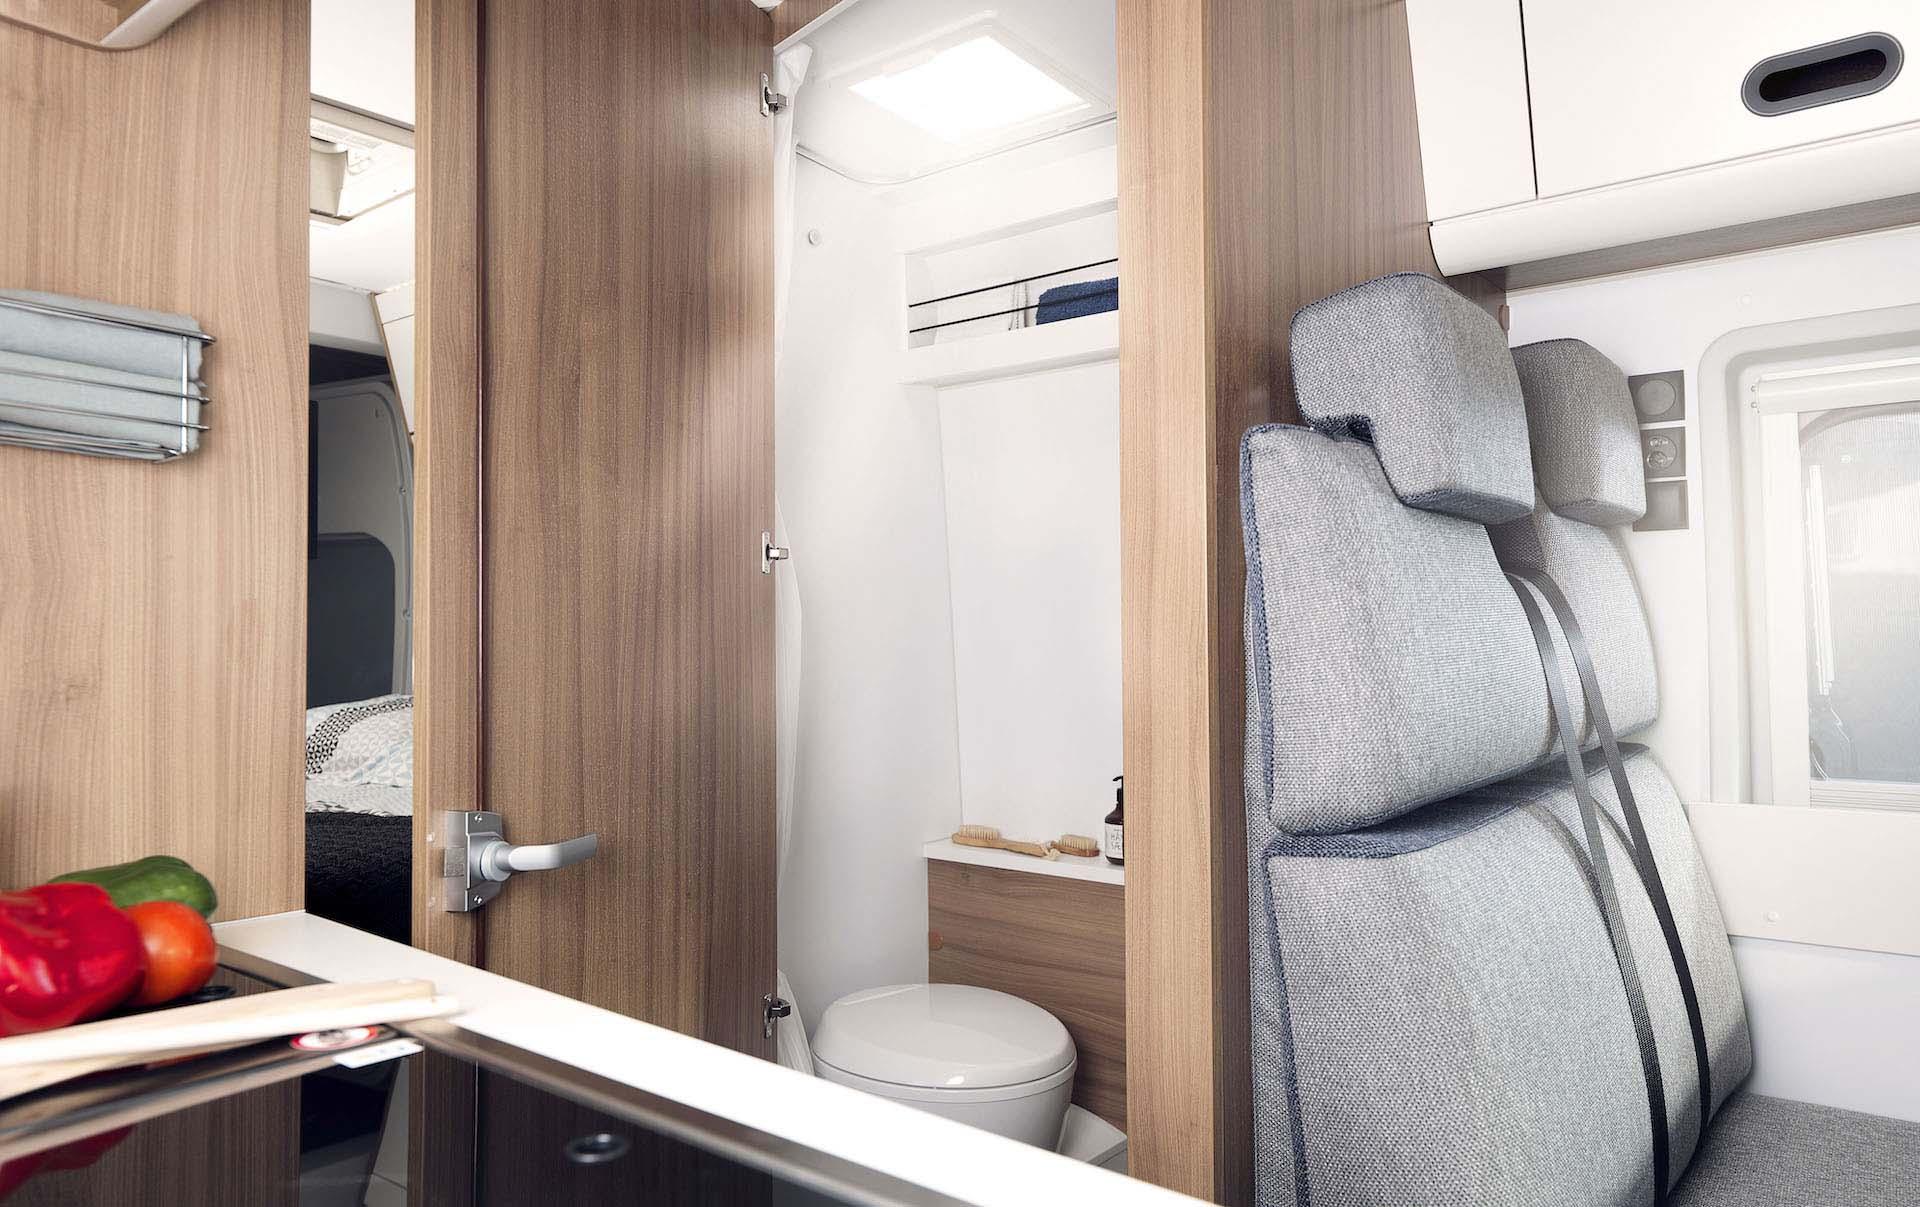 Ansicht Sitzbereich und WC in WOhnmobil